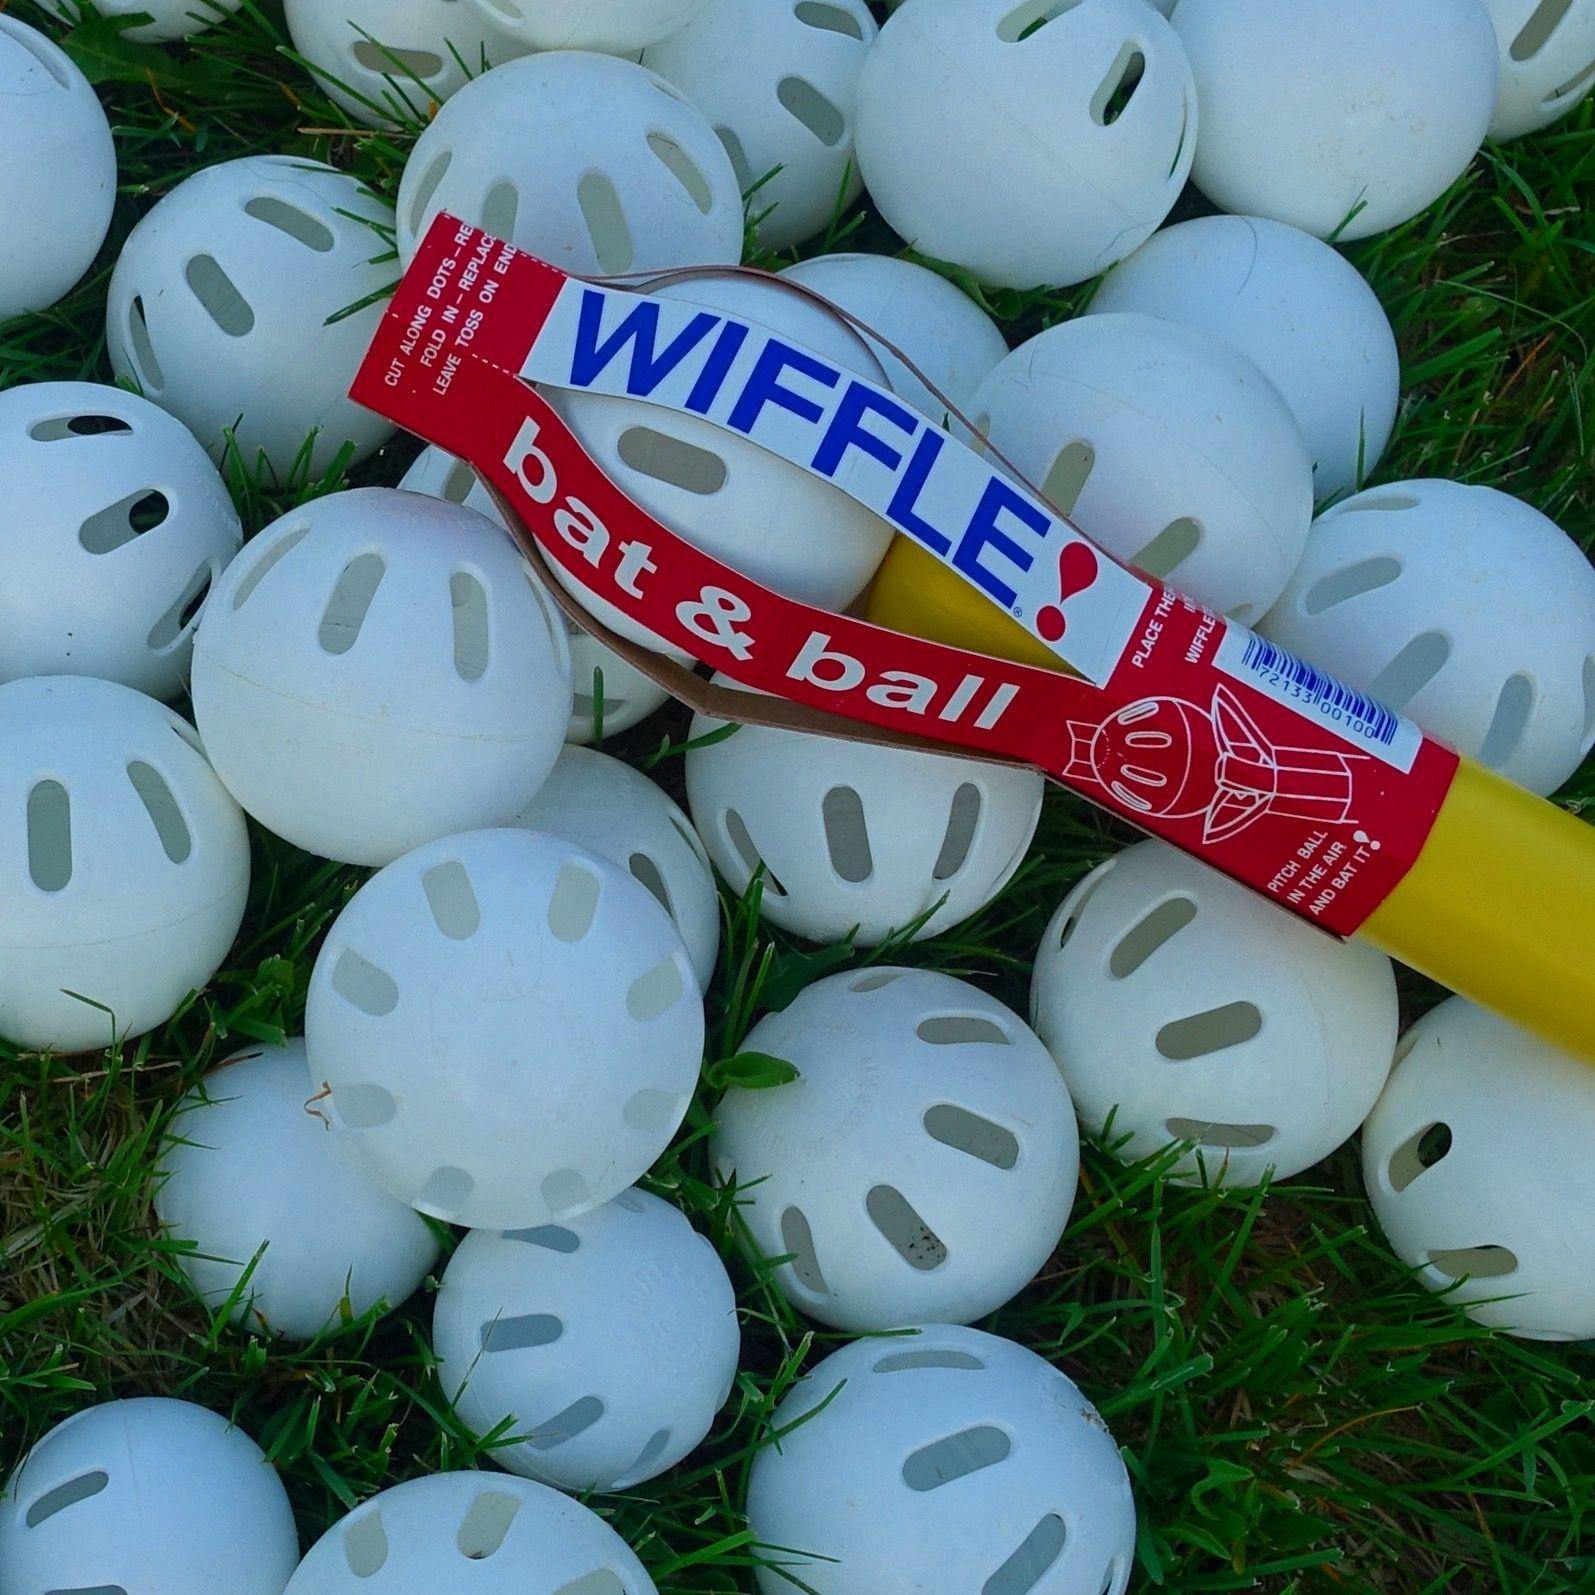 Weekend Plans! WIFFLE® Ball! . . . #Wiffle #Wiffleball